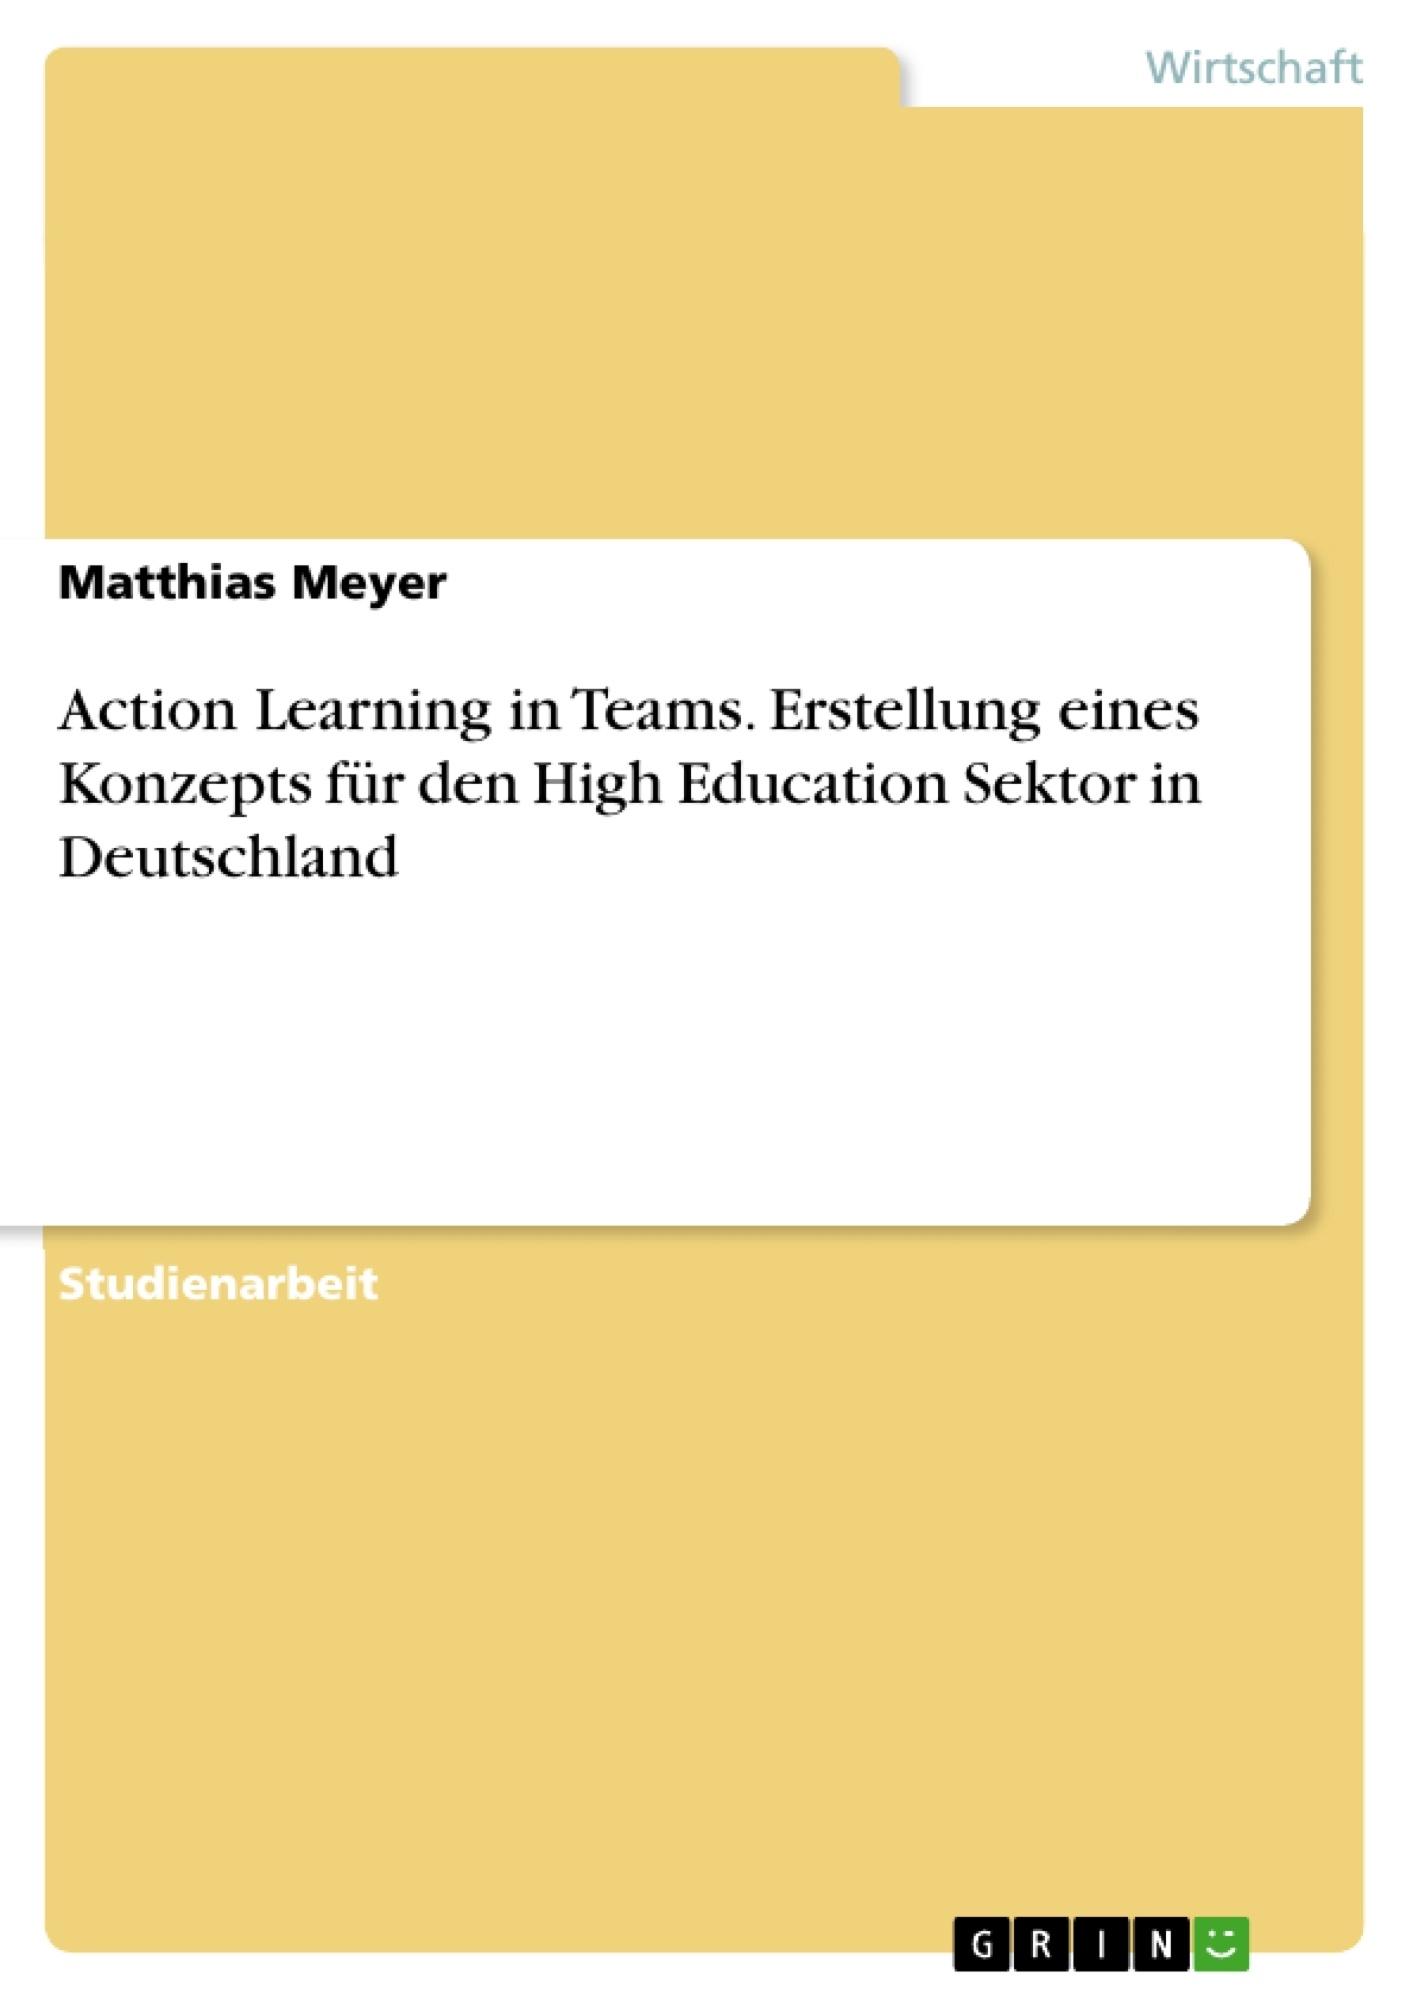 Titel: Action Learning in Teams. Erstellung eines Konzepts für den High Education Sektor in Deutschland